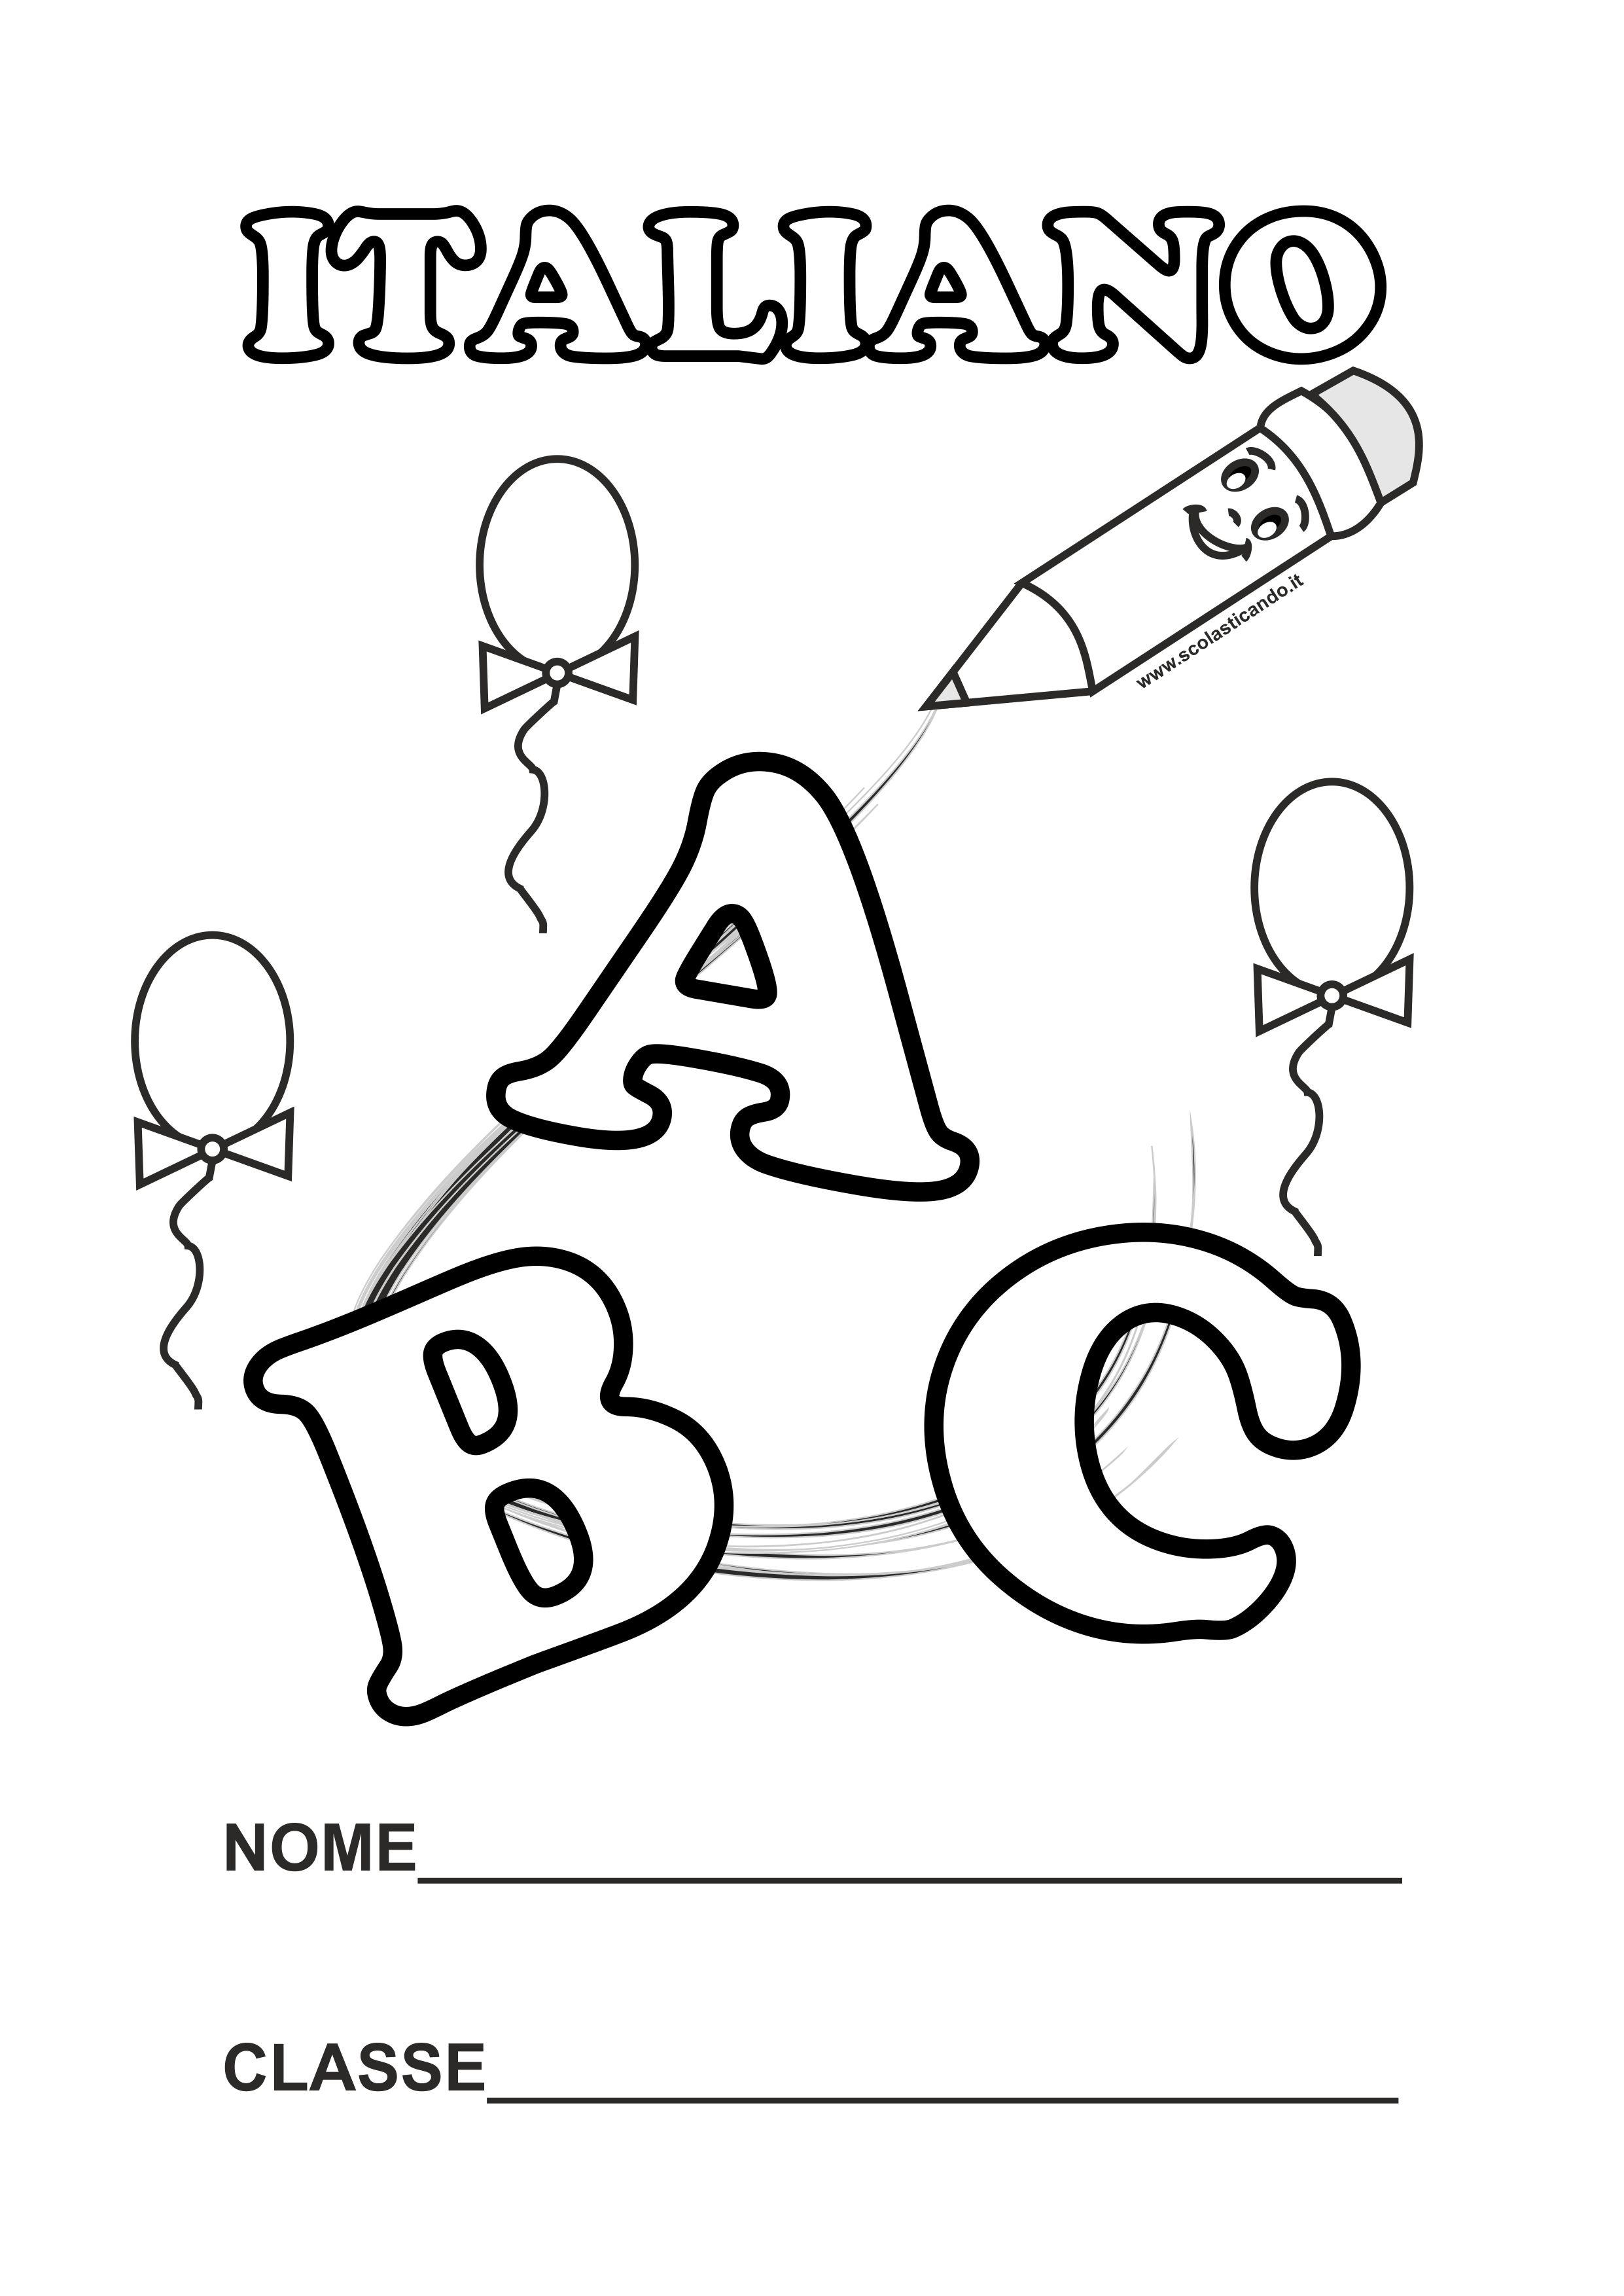 Copertine Quaderni Da Colorare Classe Quinta.Copertine Per Quaderni Scuola Primaria